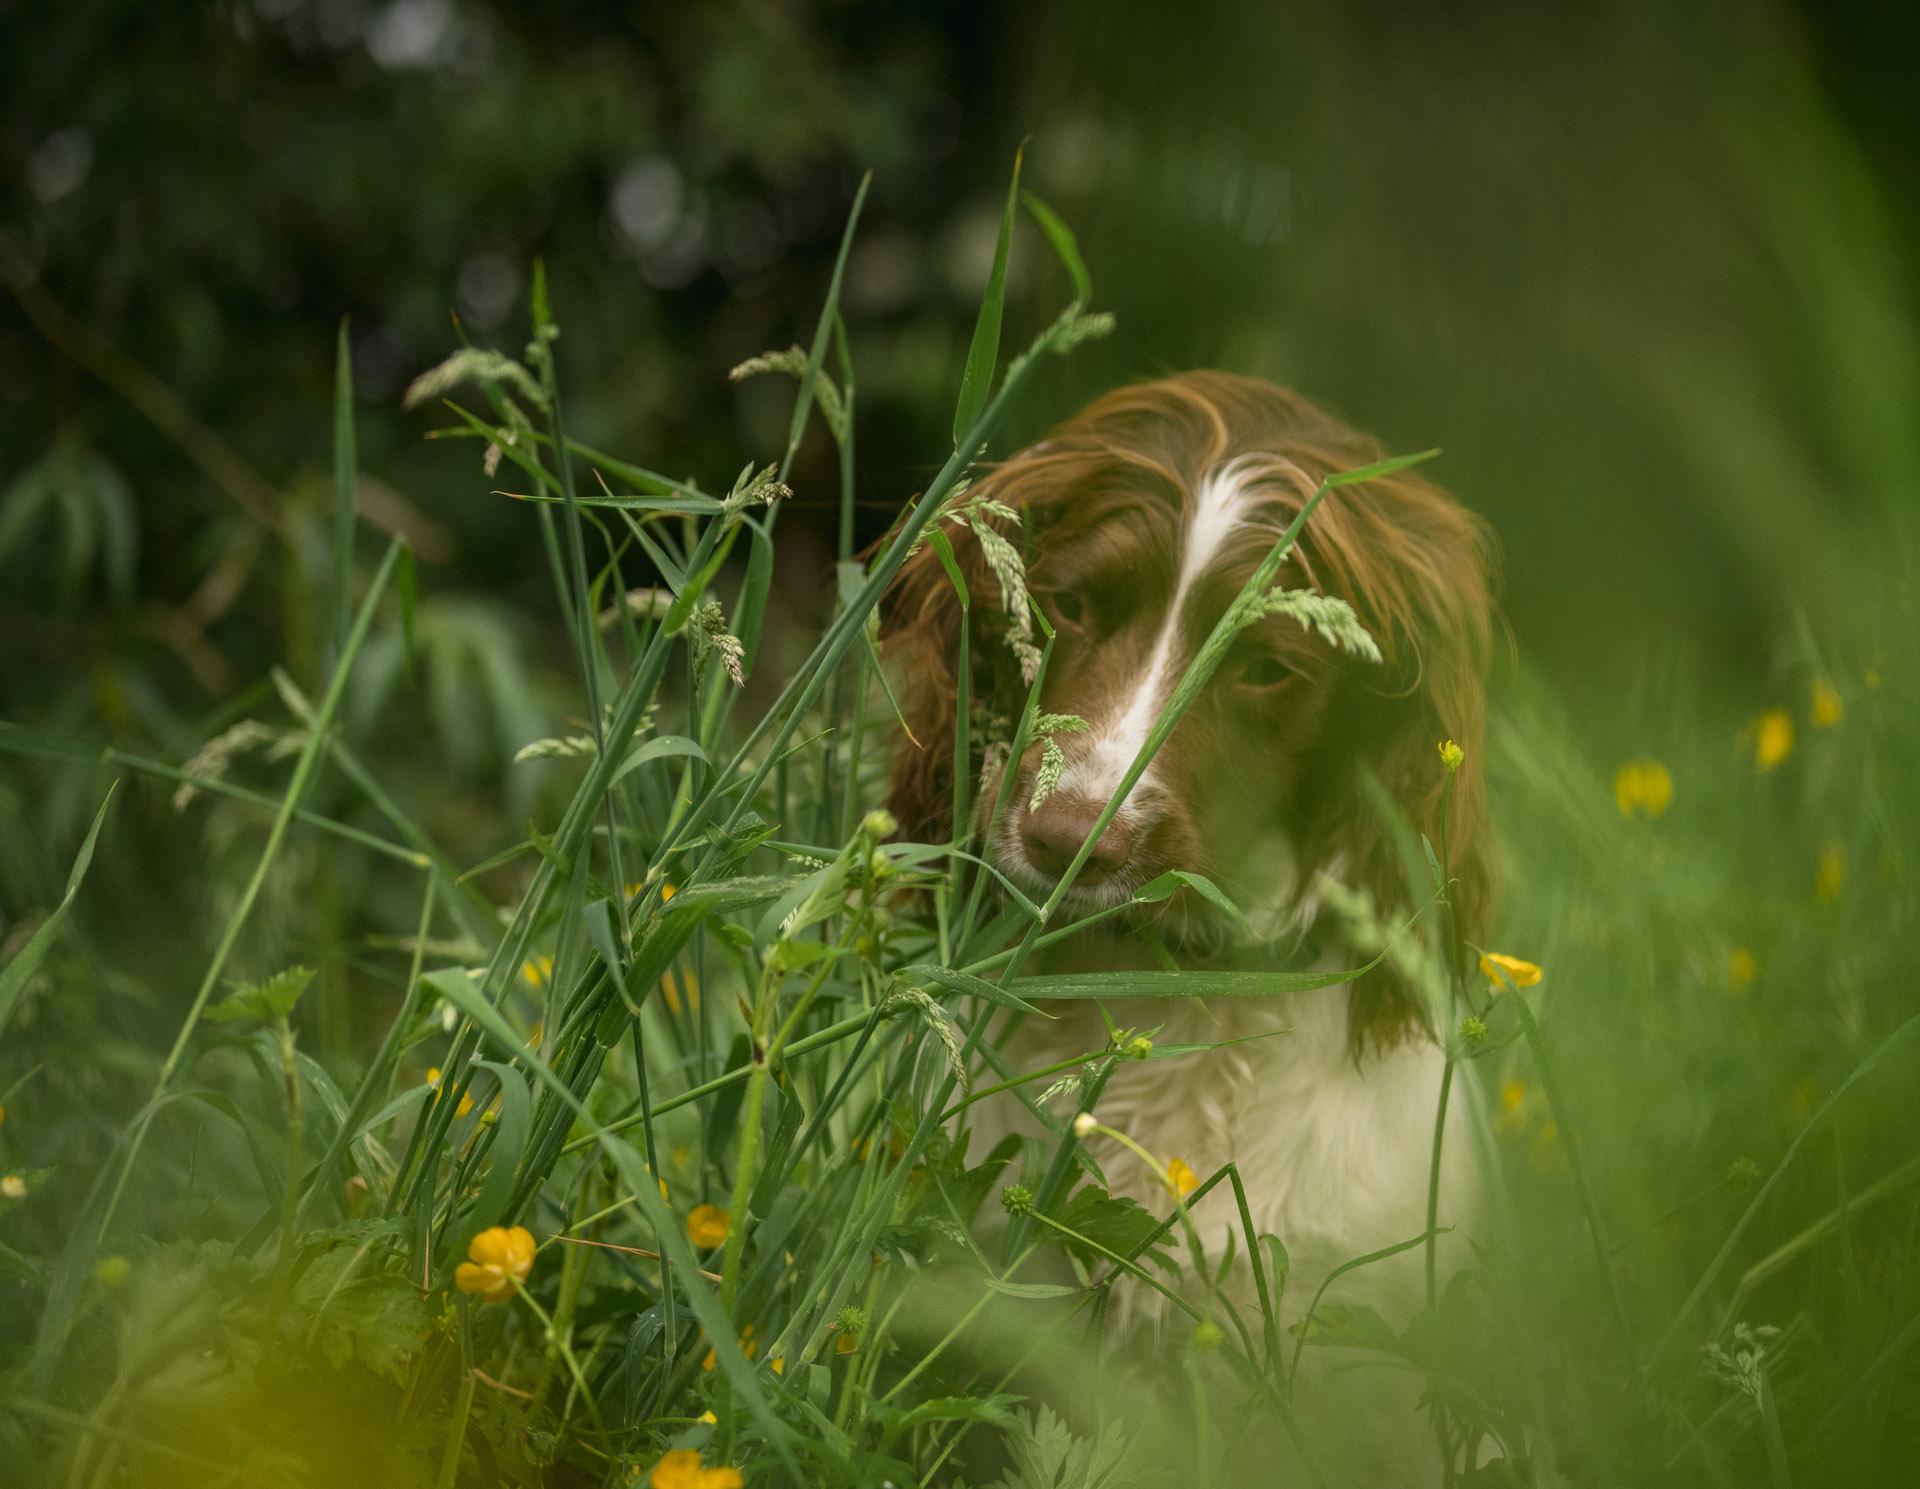 Zkuste vaše zvíře skrýt v zarostlé zahradě | Foto Nigel Danson